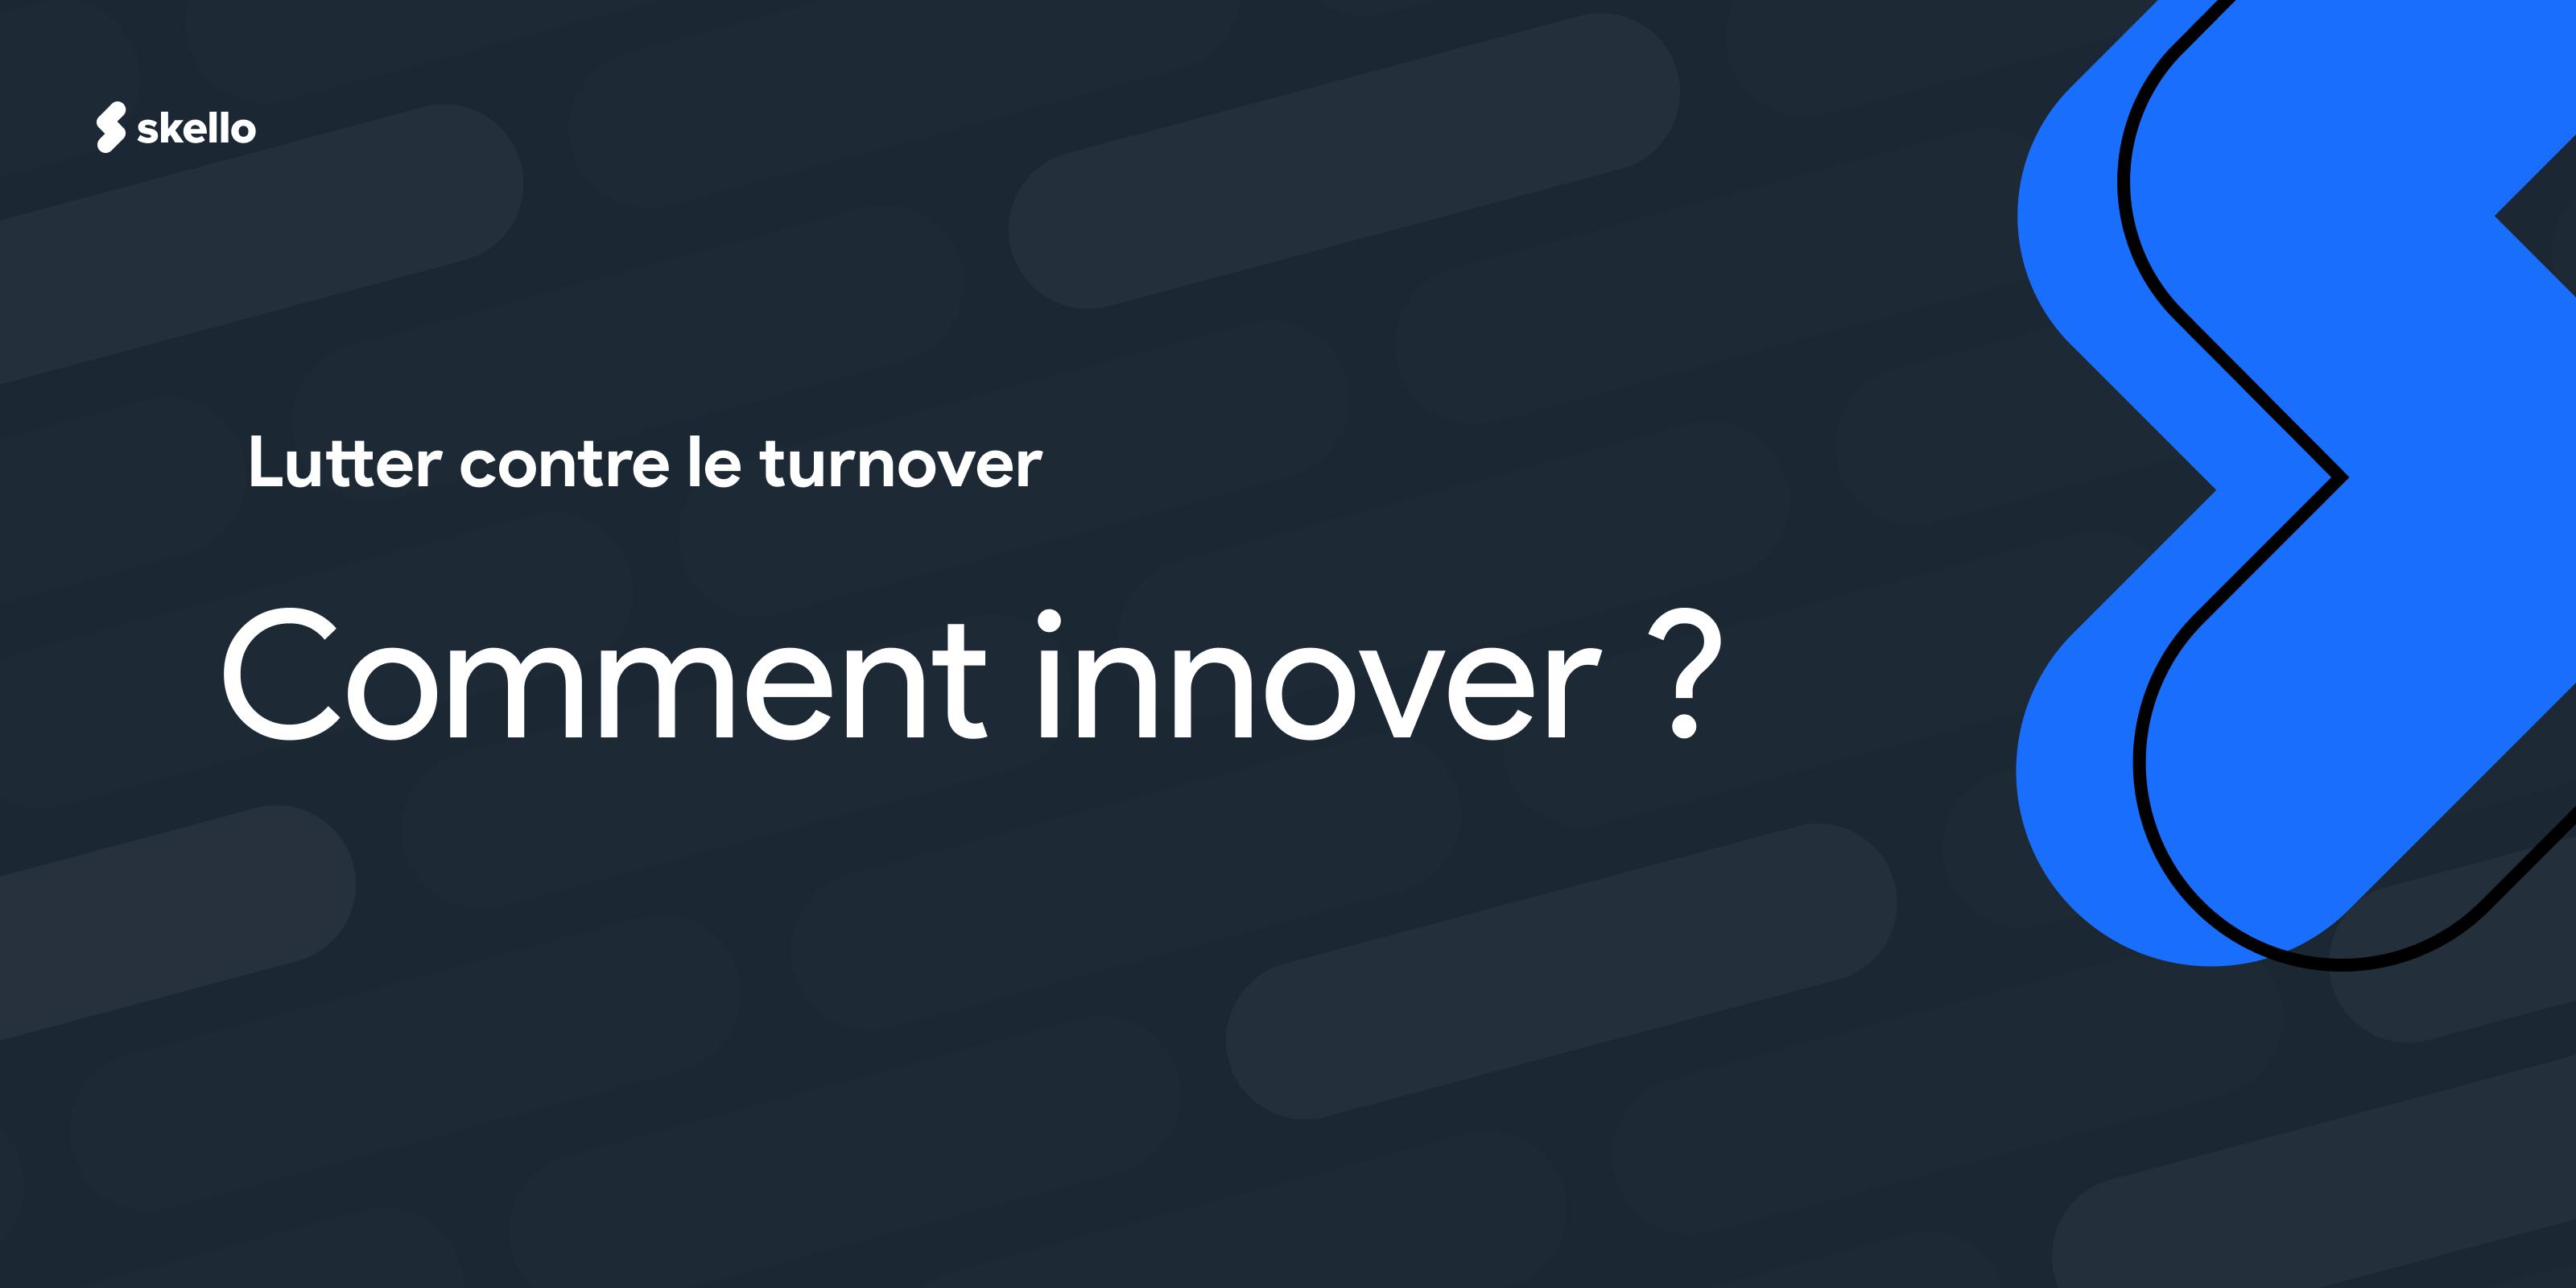 Comment innover pour lutter contre le turnover dans son établissement?